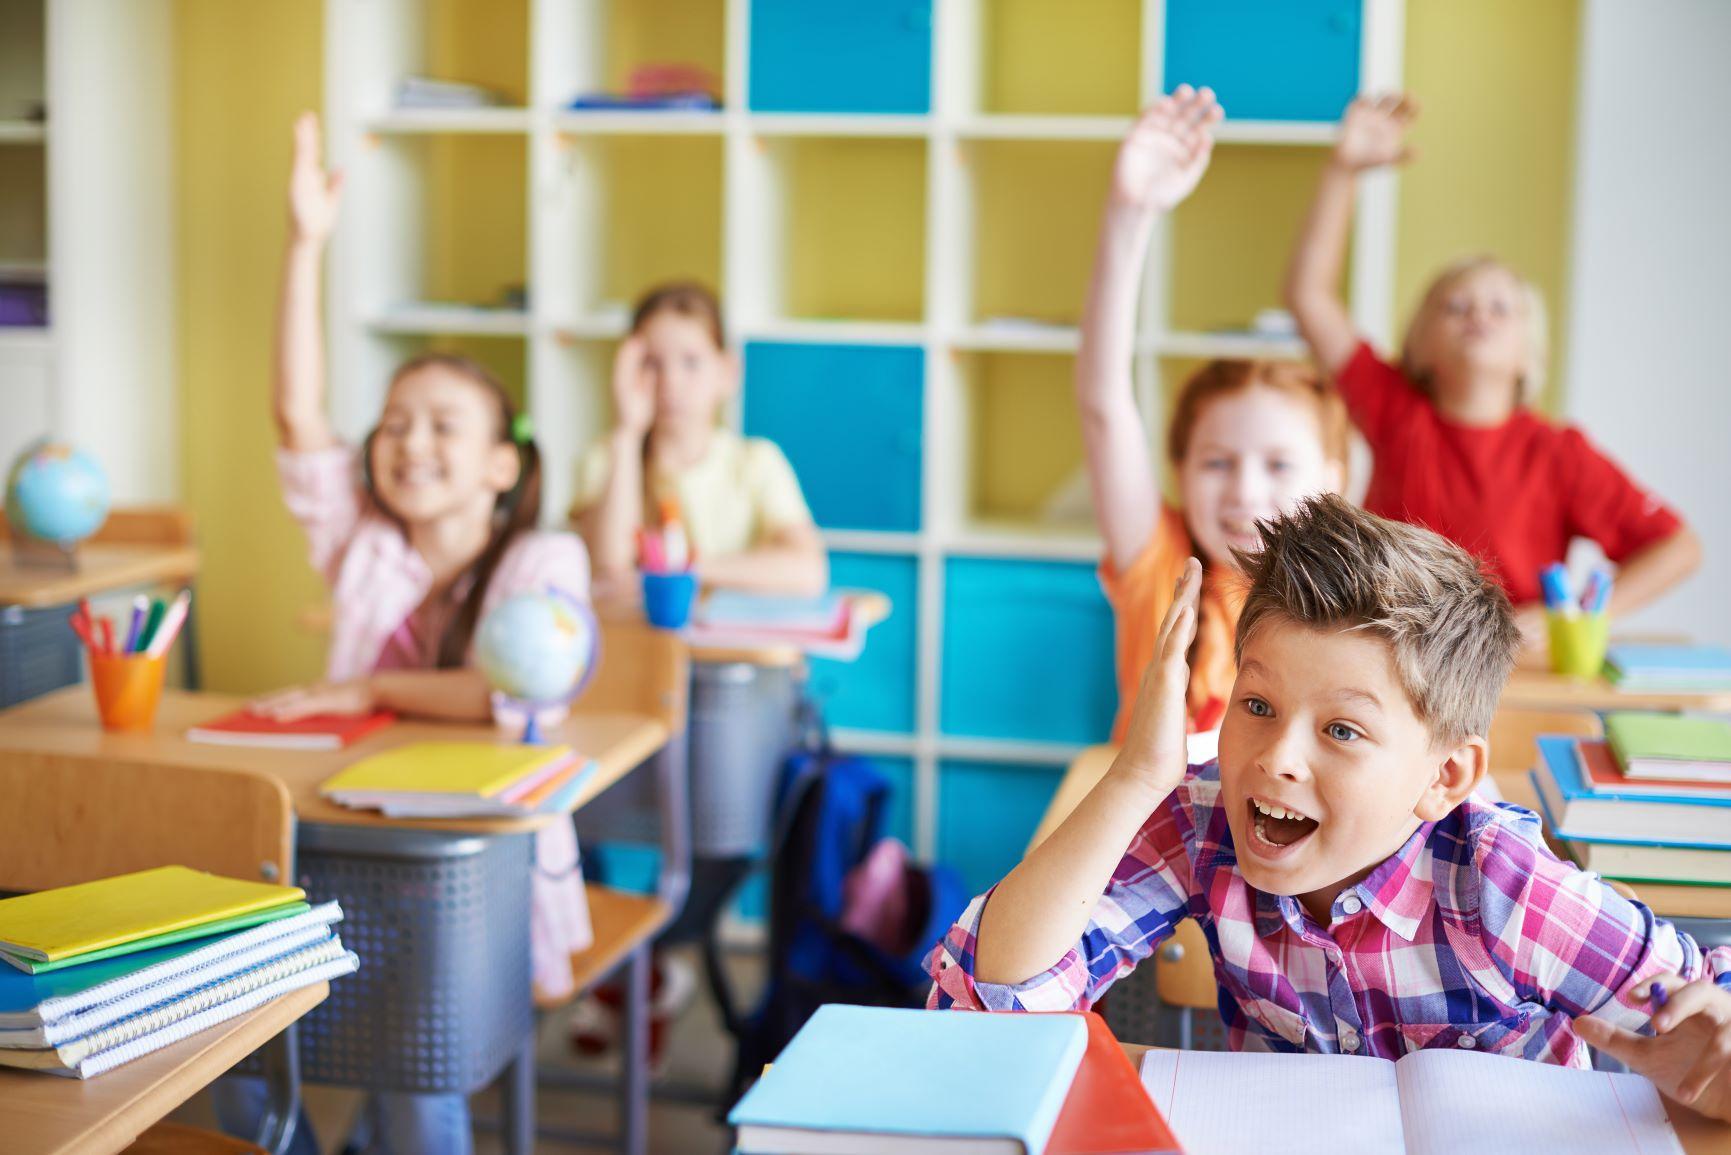 Πότε ανοίγουν τα σχολεία: Οι ημερομηνίες για Λύκειο, Γυμνάσιο, Δημοτικό